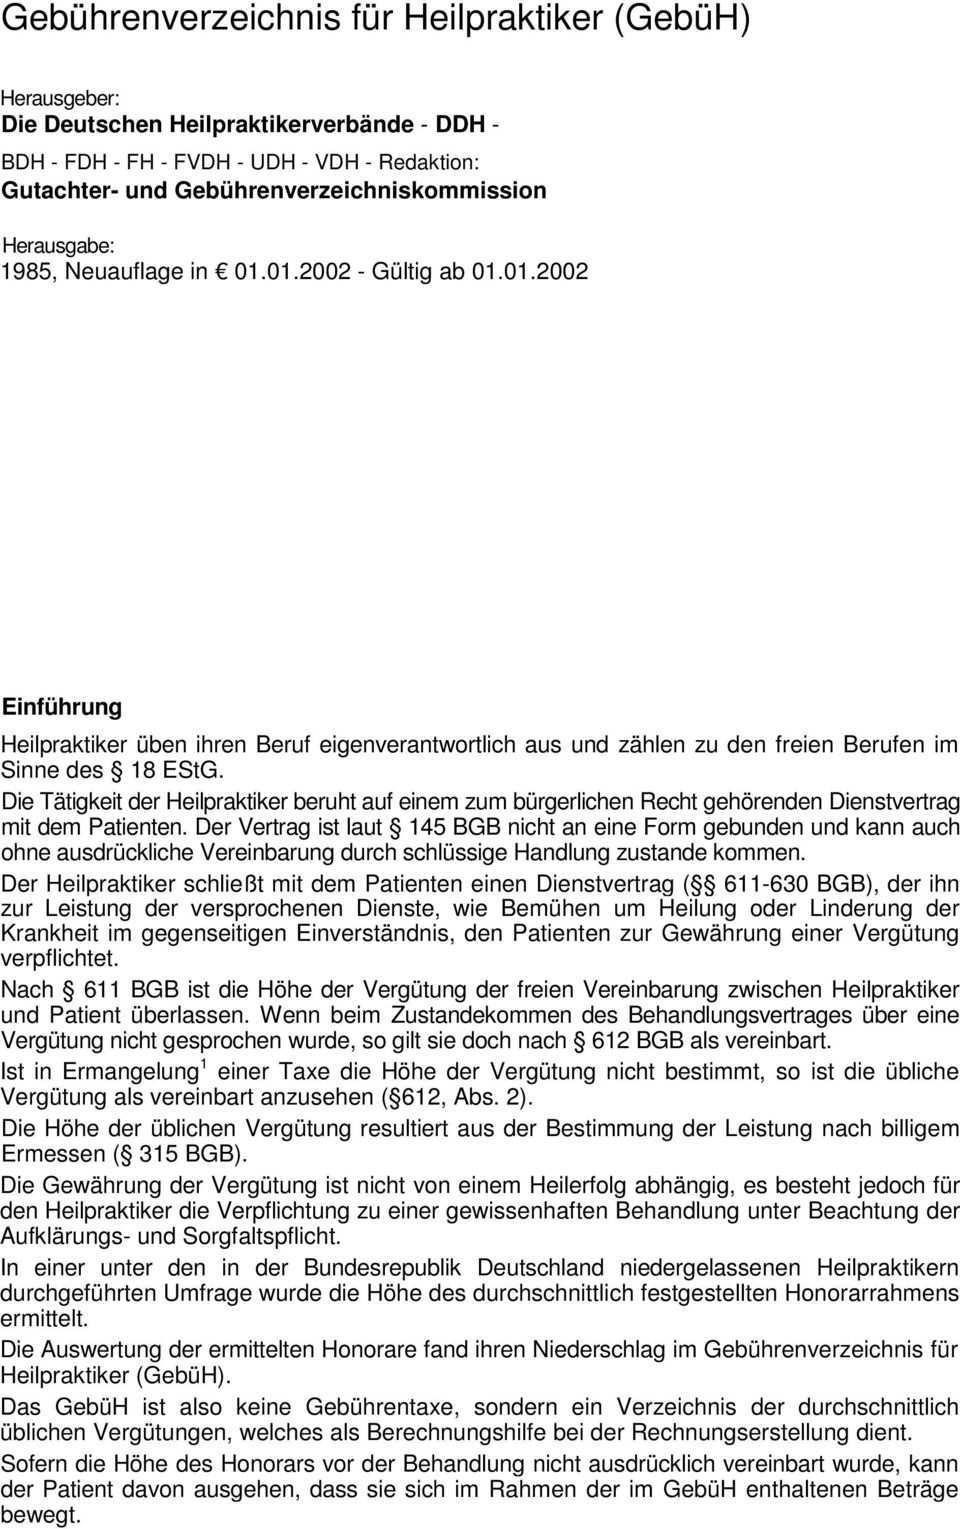 Gebuhrenverzeichnis Fur Heilpraktiker Gebuh Pdf Free Download